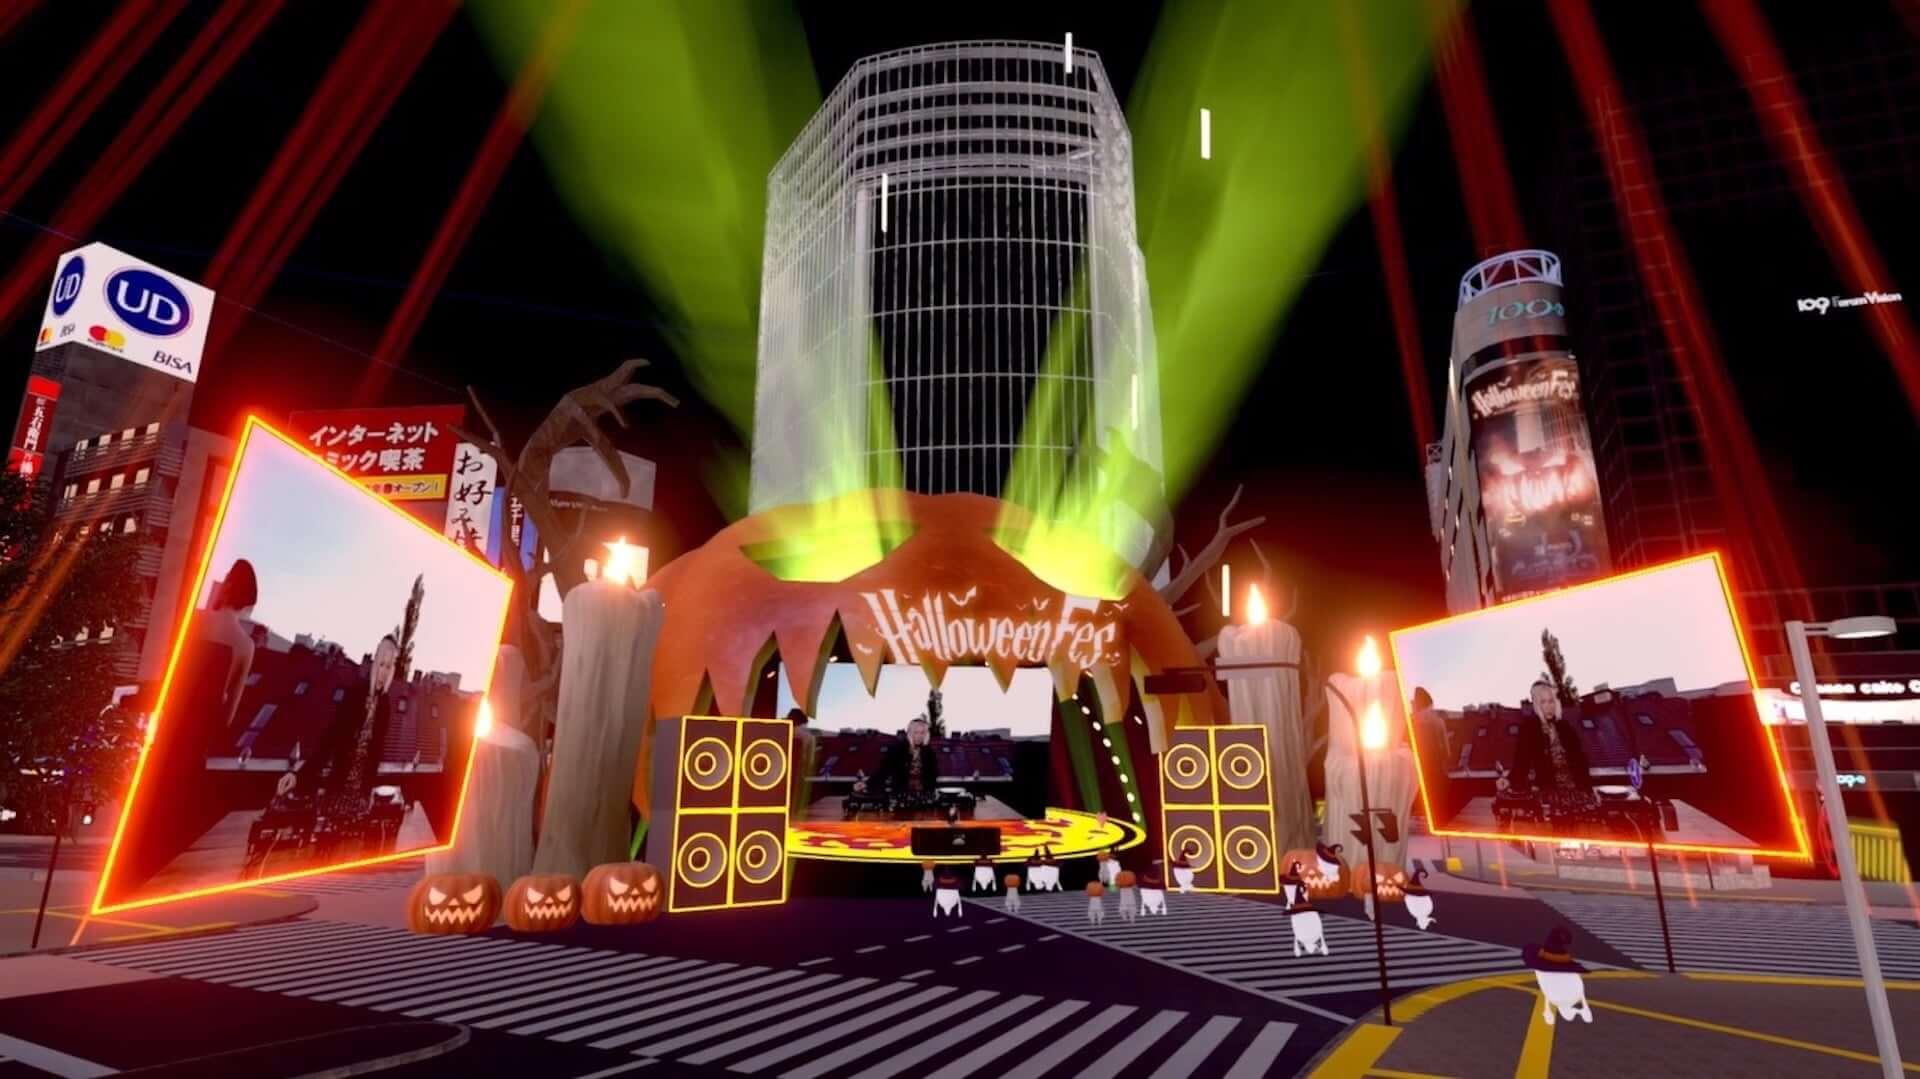 バーチャル渋谷にSUPER DOMMUNEが出現!Ellen Allien、KEN ISHIIらが出演した<DJ IN THE MIRROR WORLD>のレポートが到着 art201104_shibuya5g-halloweenfes_41-1920x1079